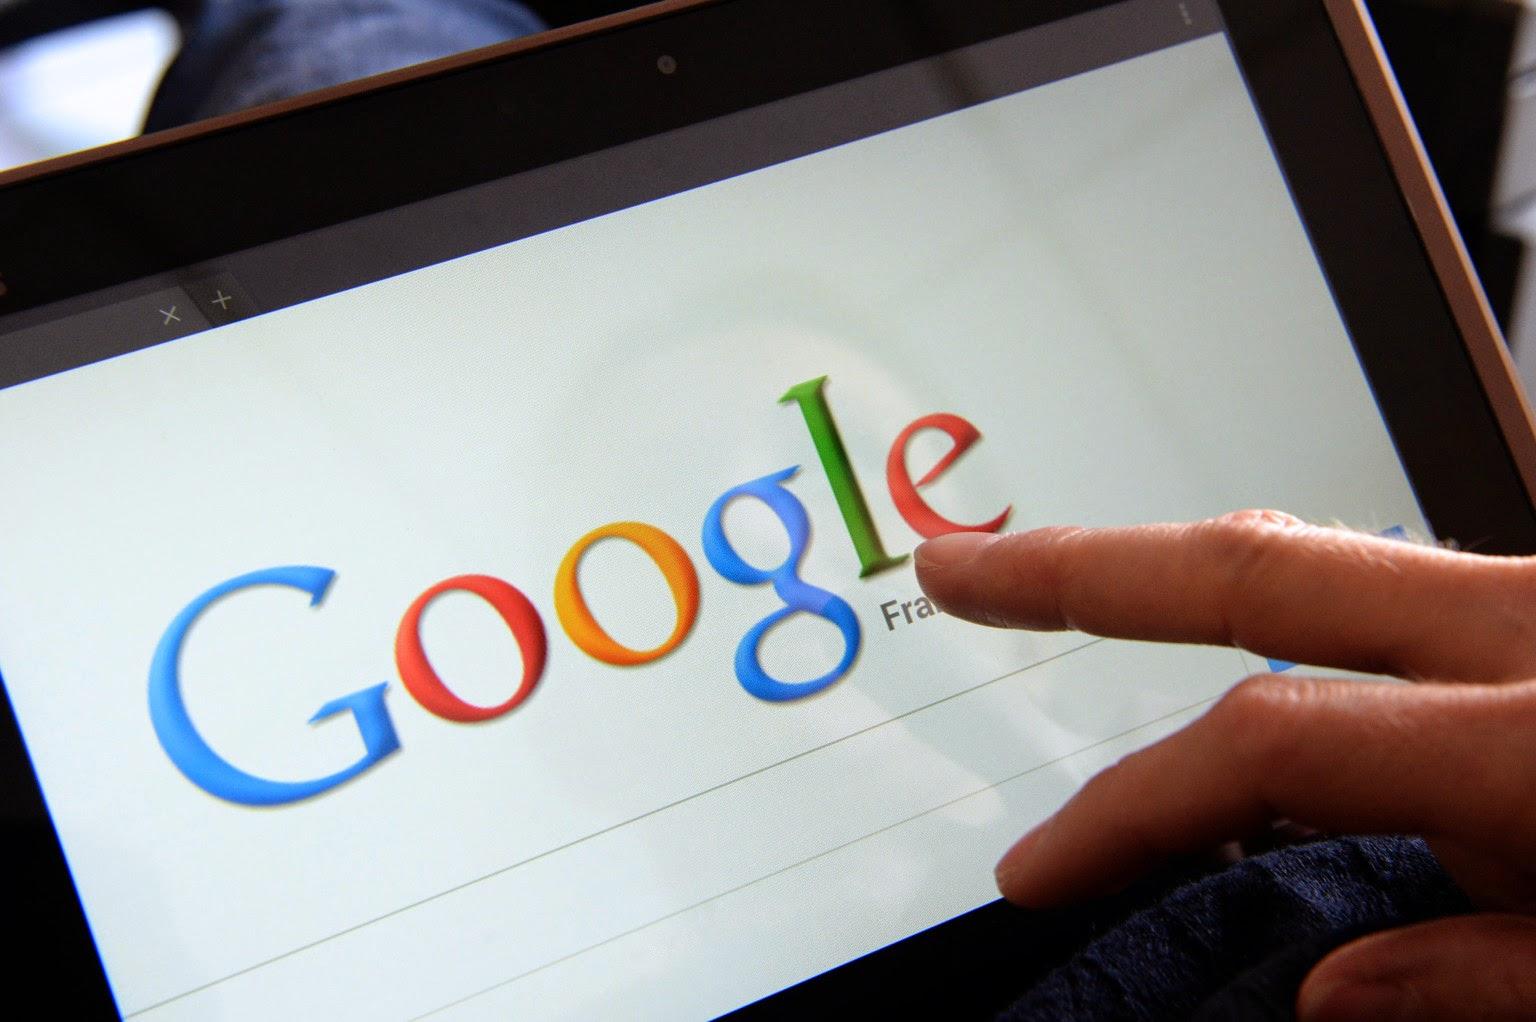 Les requêtes les plus recherches sur Google  en France